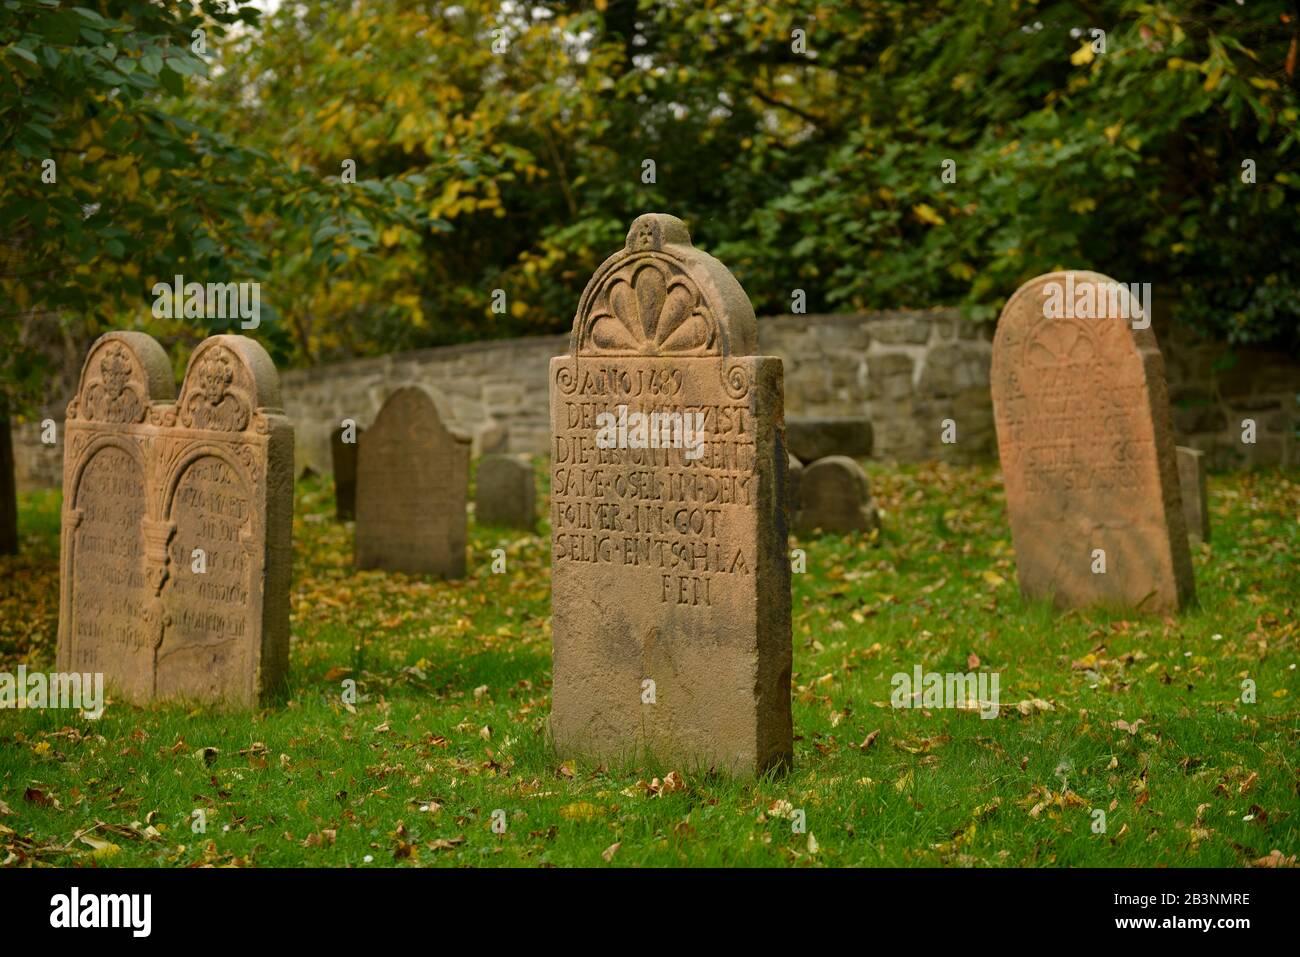 Grabsteine, Friedhof Dorfkirche Stiepel, Brockhauser Strasse, Stiepel, Bochum, Nordrhein-Westfalen, Deutschland Foto de stock